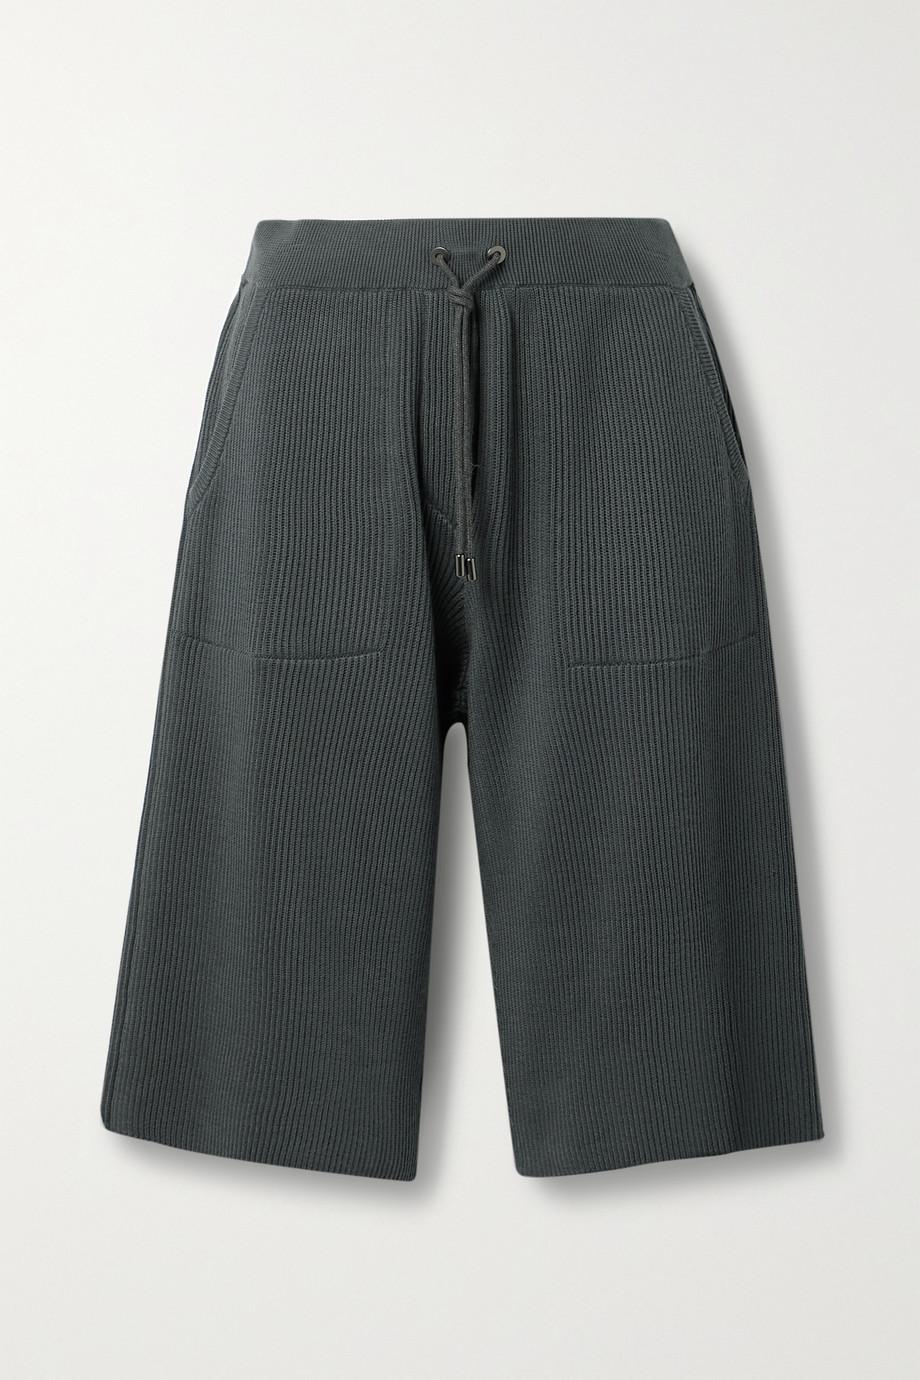 Brunello Cucinelli Short en coton côtelé